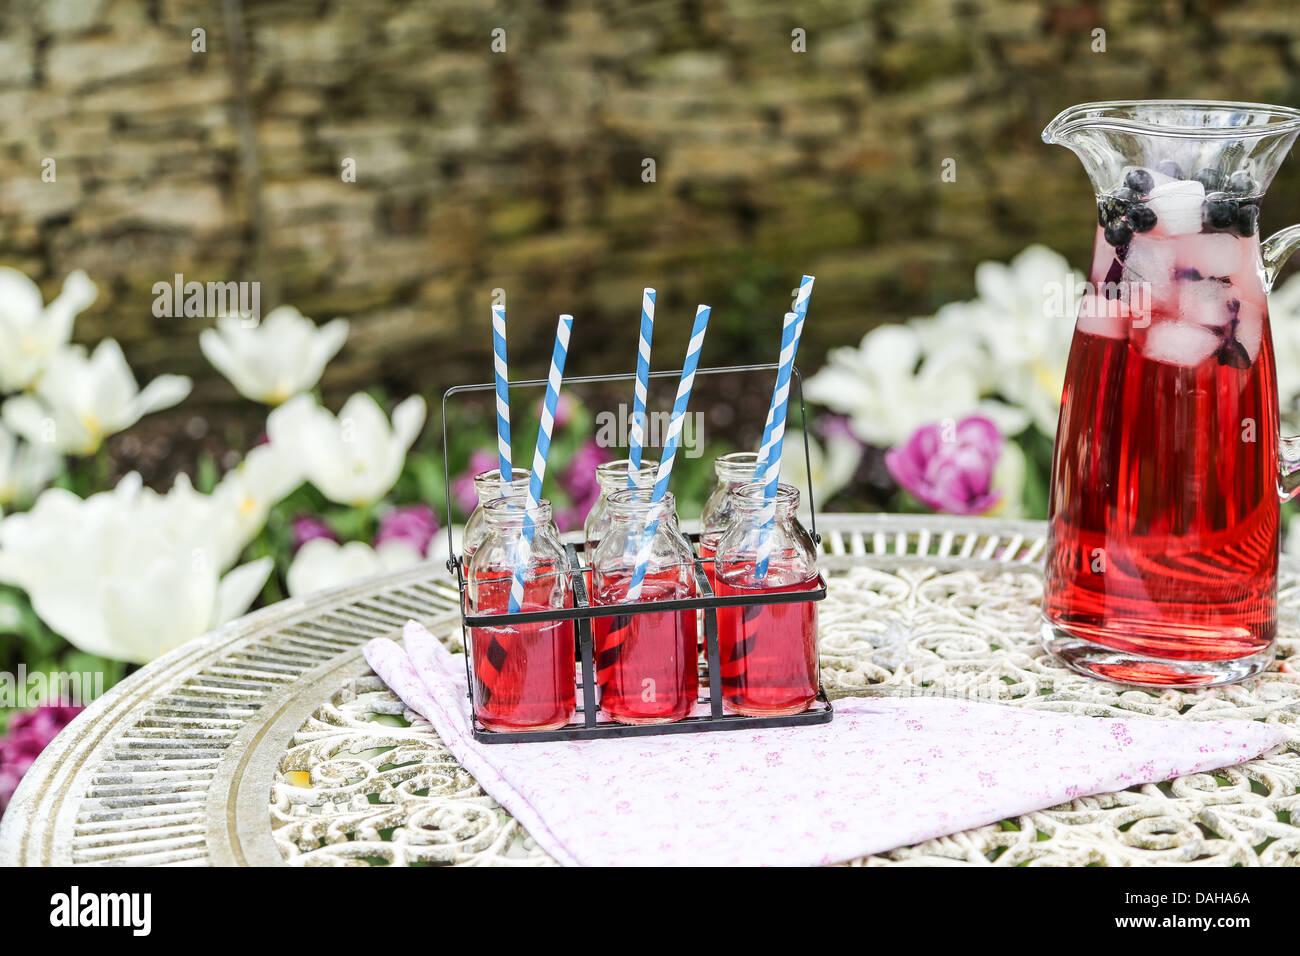 Boisson d'été froid de jus de fruit rouge servi sur une table - faible profondeur de champ Photo Stock